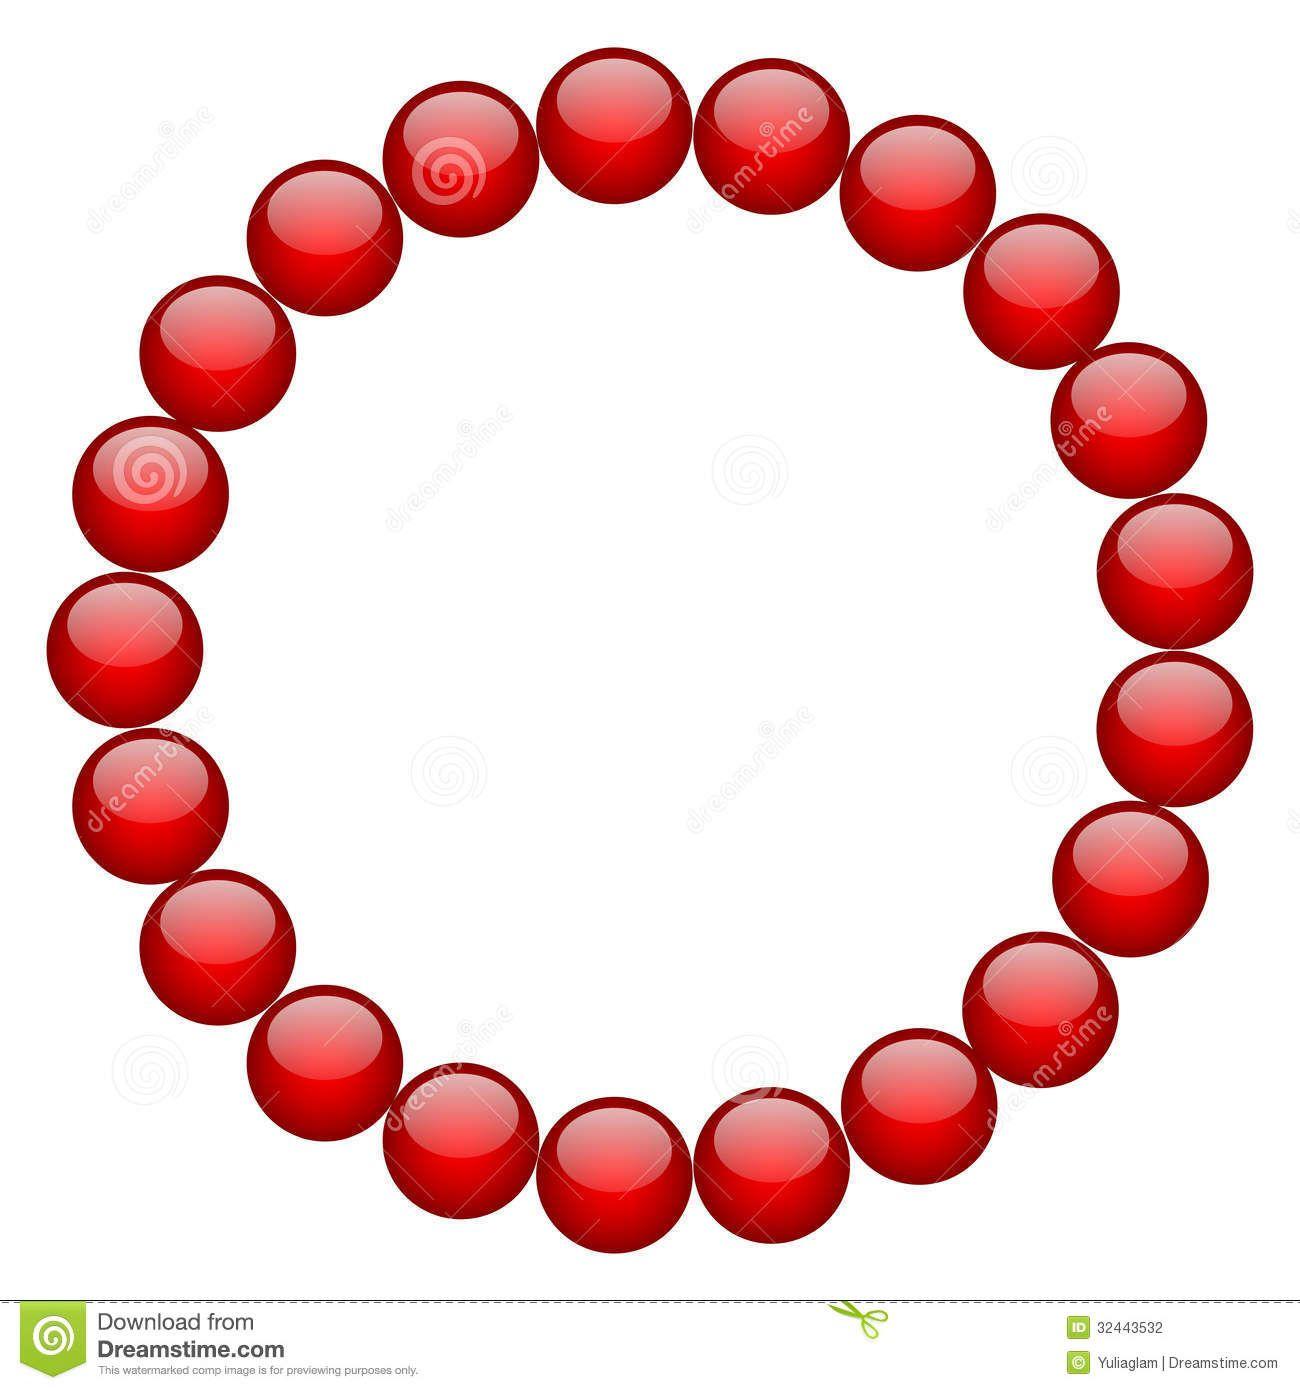 red-beads-vector-frame-32443532.jpg (1300×1390)